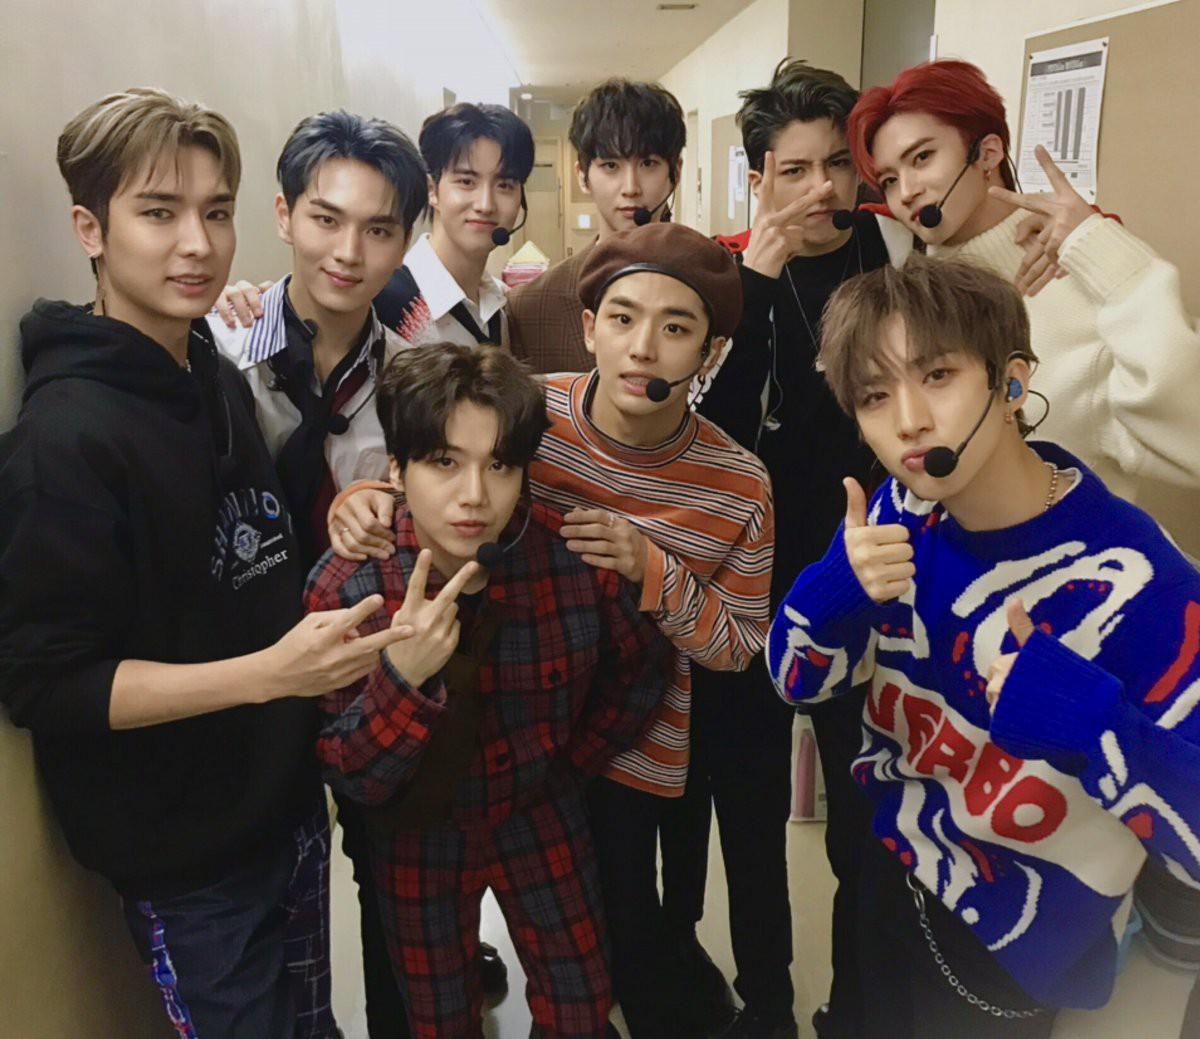 6 idolgroup sau scandal chấn động Kpop: Người mạnh mẽ vươn lên, kẻ chết yểu từ từ - Ảnh 16.